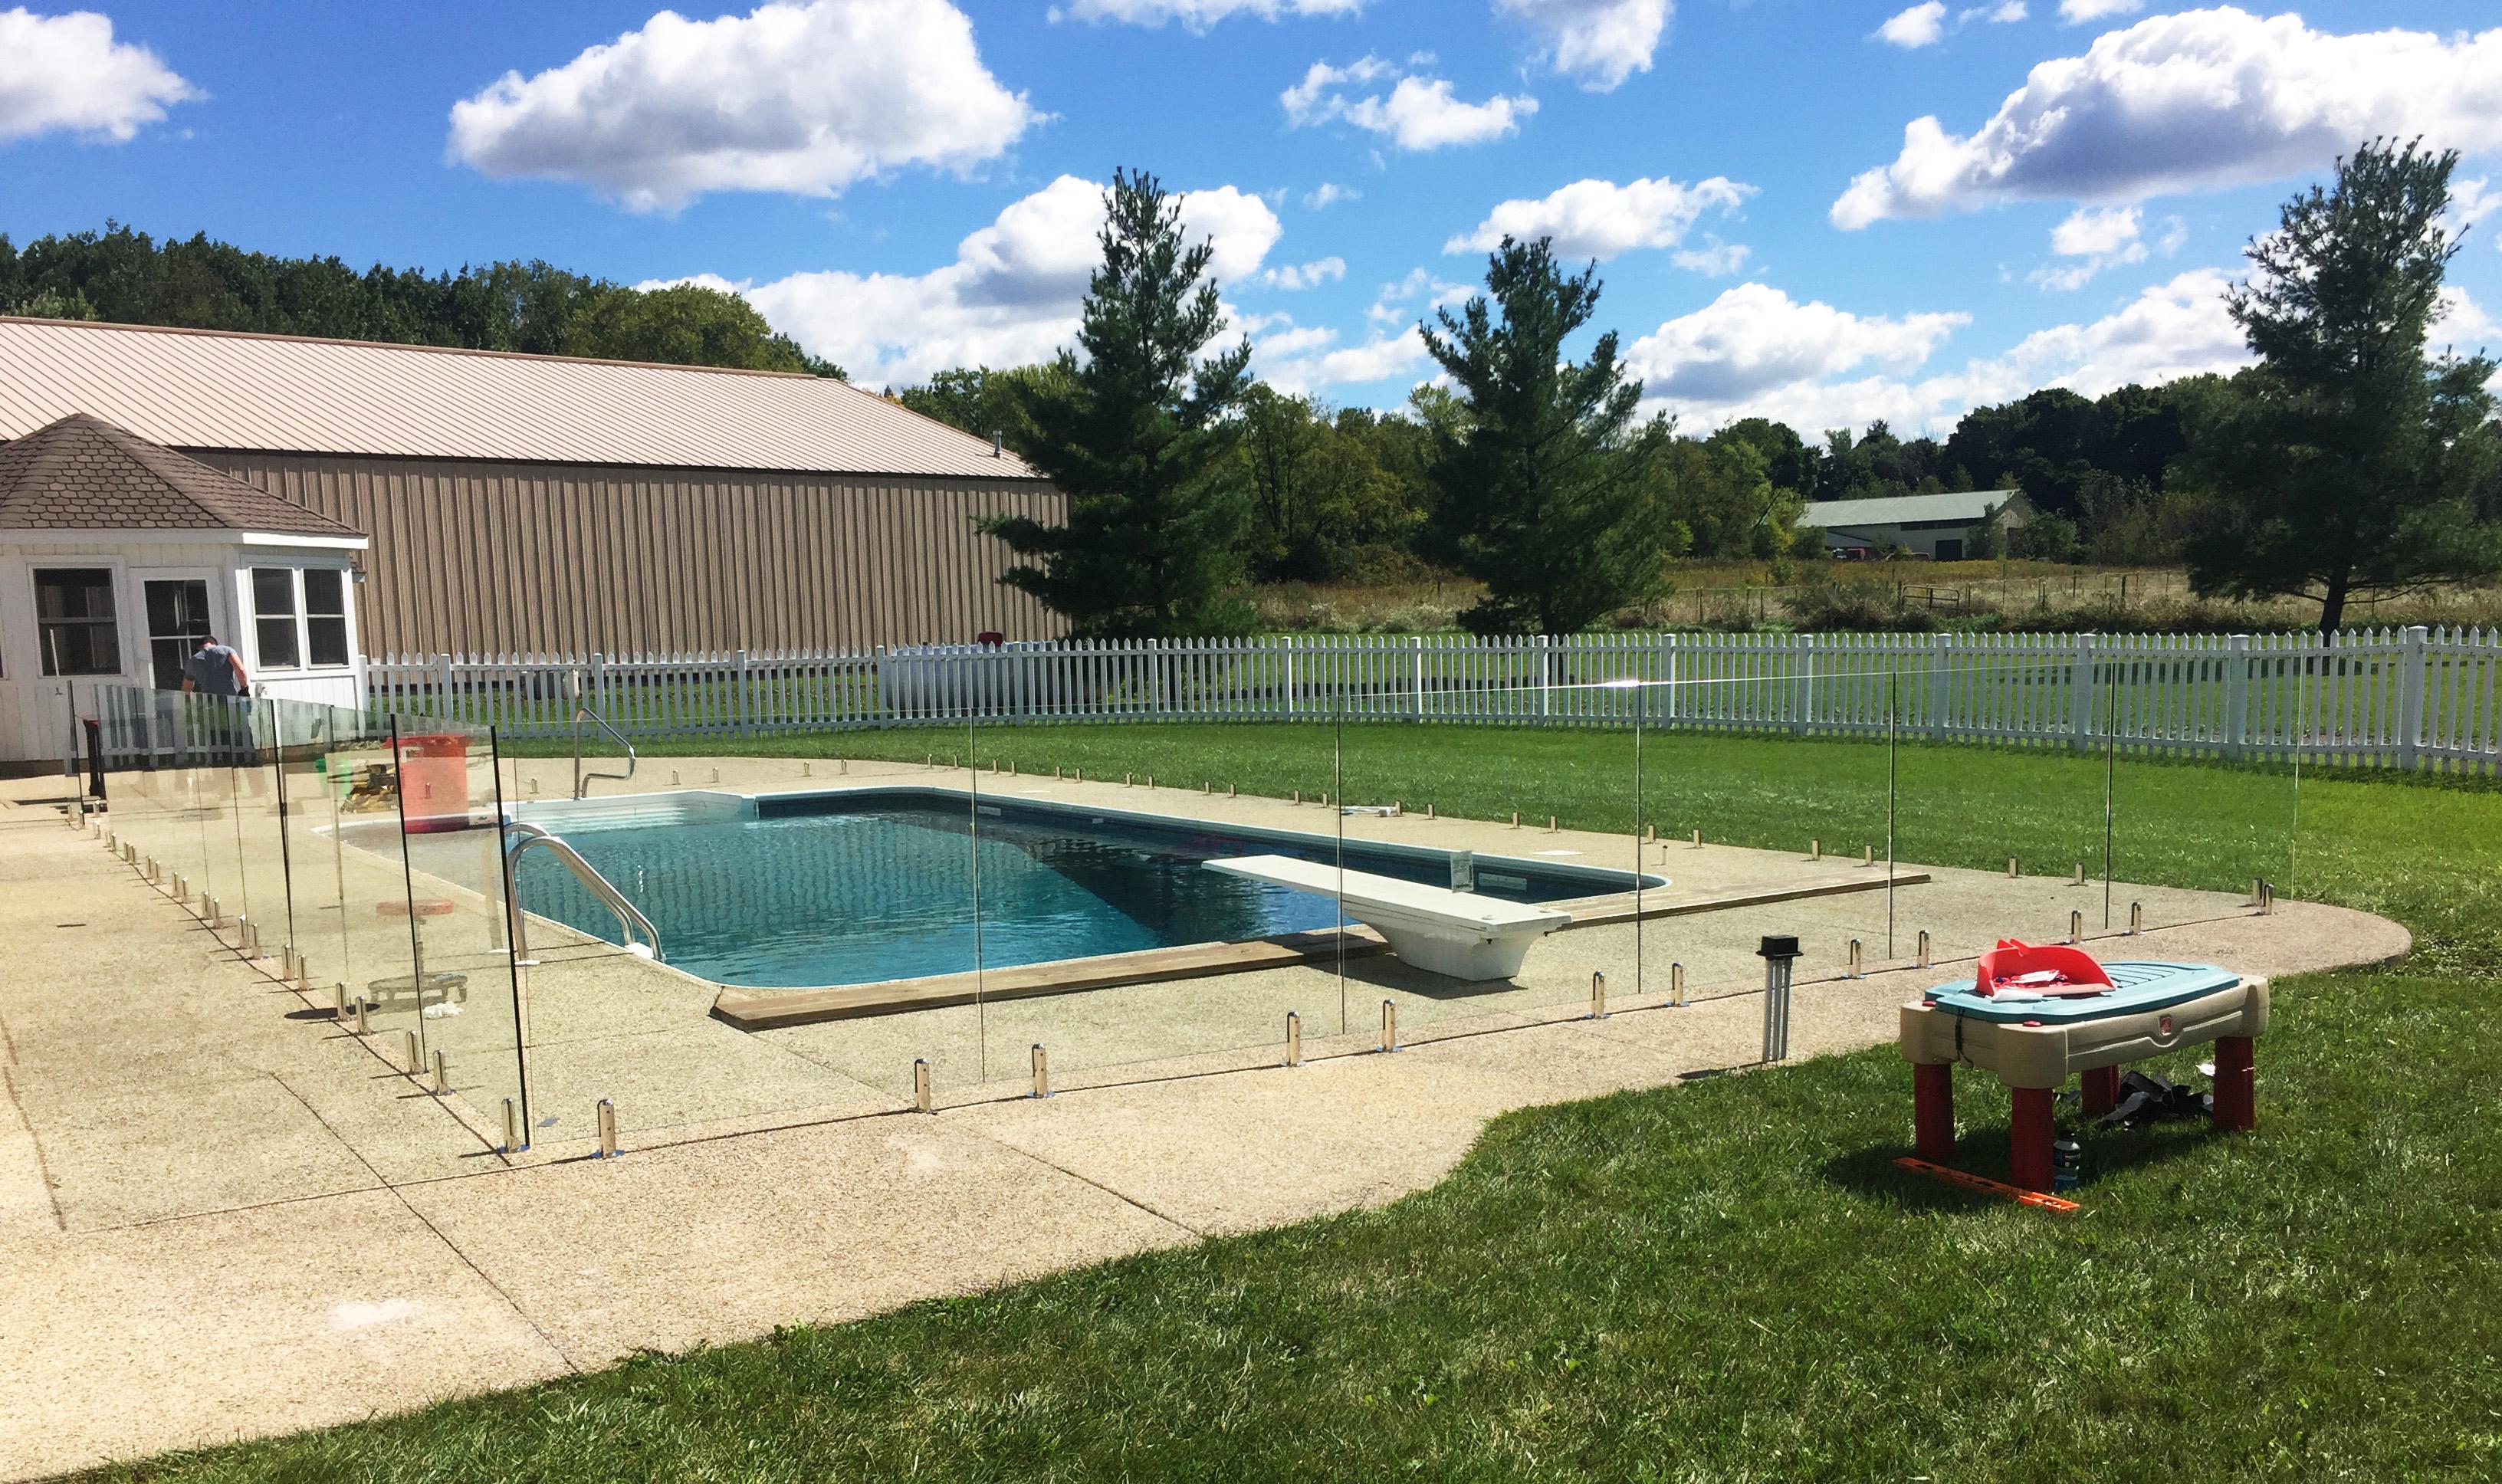 pool fencing babyproof backyard